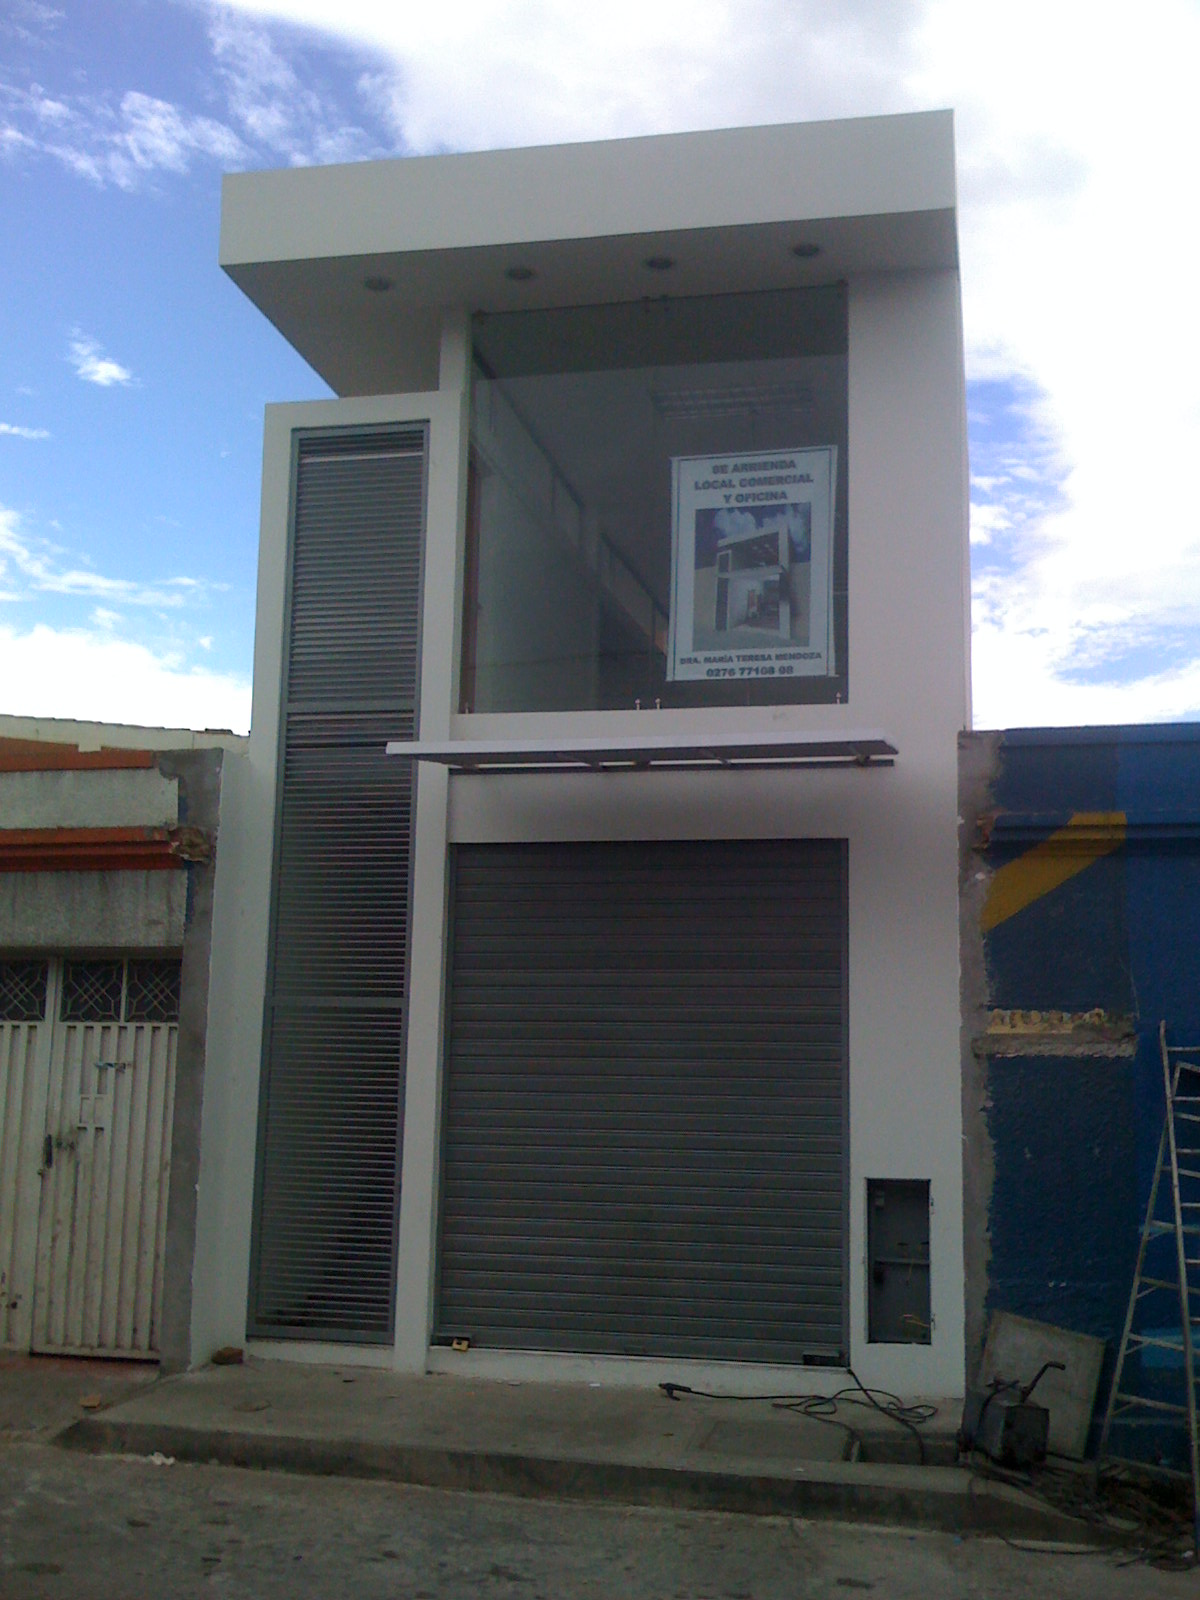 Arquitectura local comercial san antonio for Local arquitectura